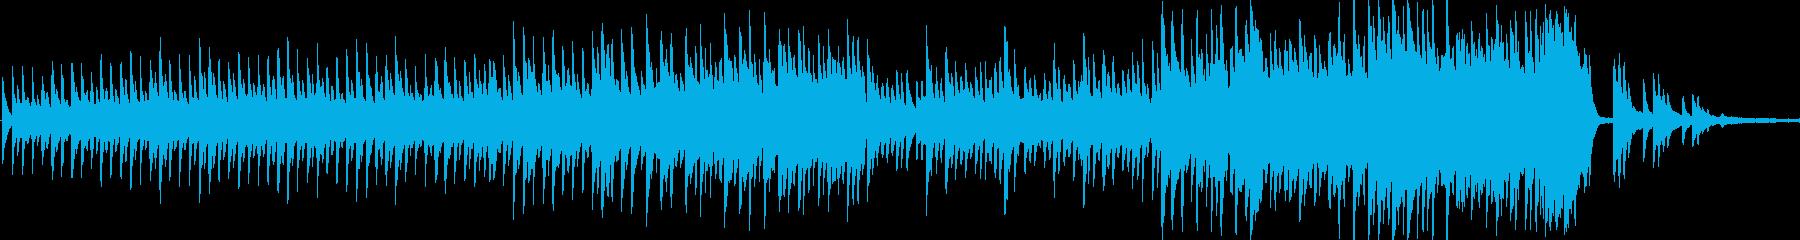 瞑想的で優しい感情的なソロピアノは...の再生済みの波形